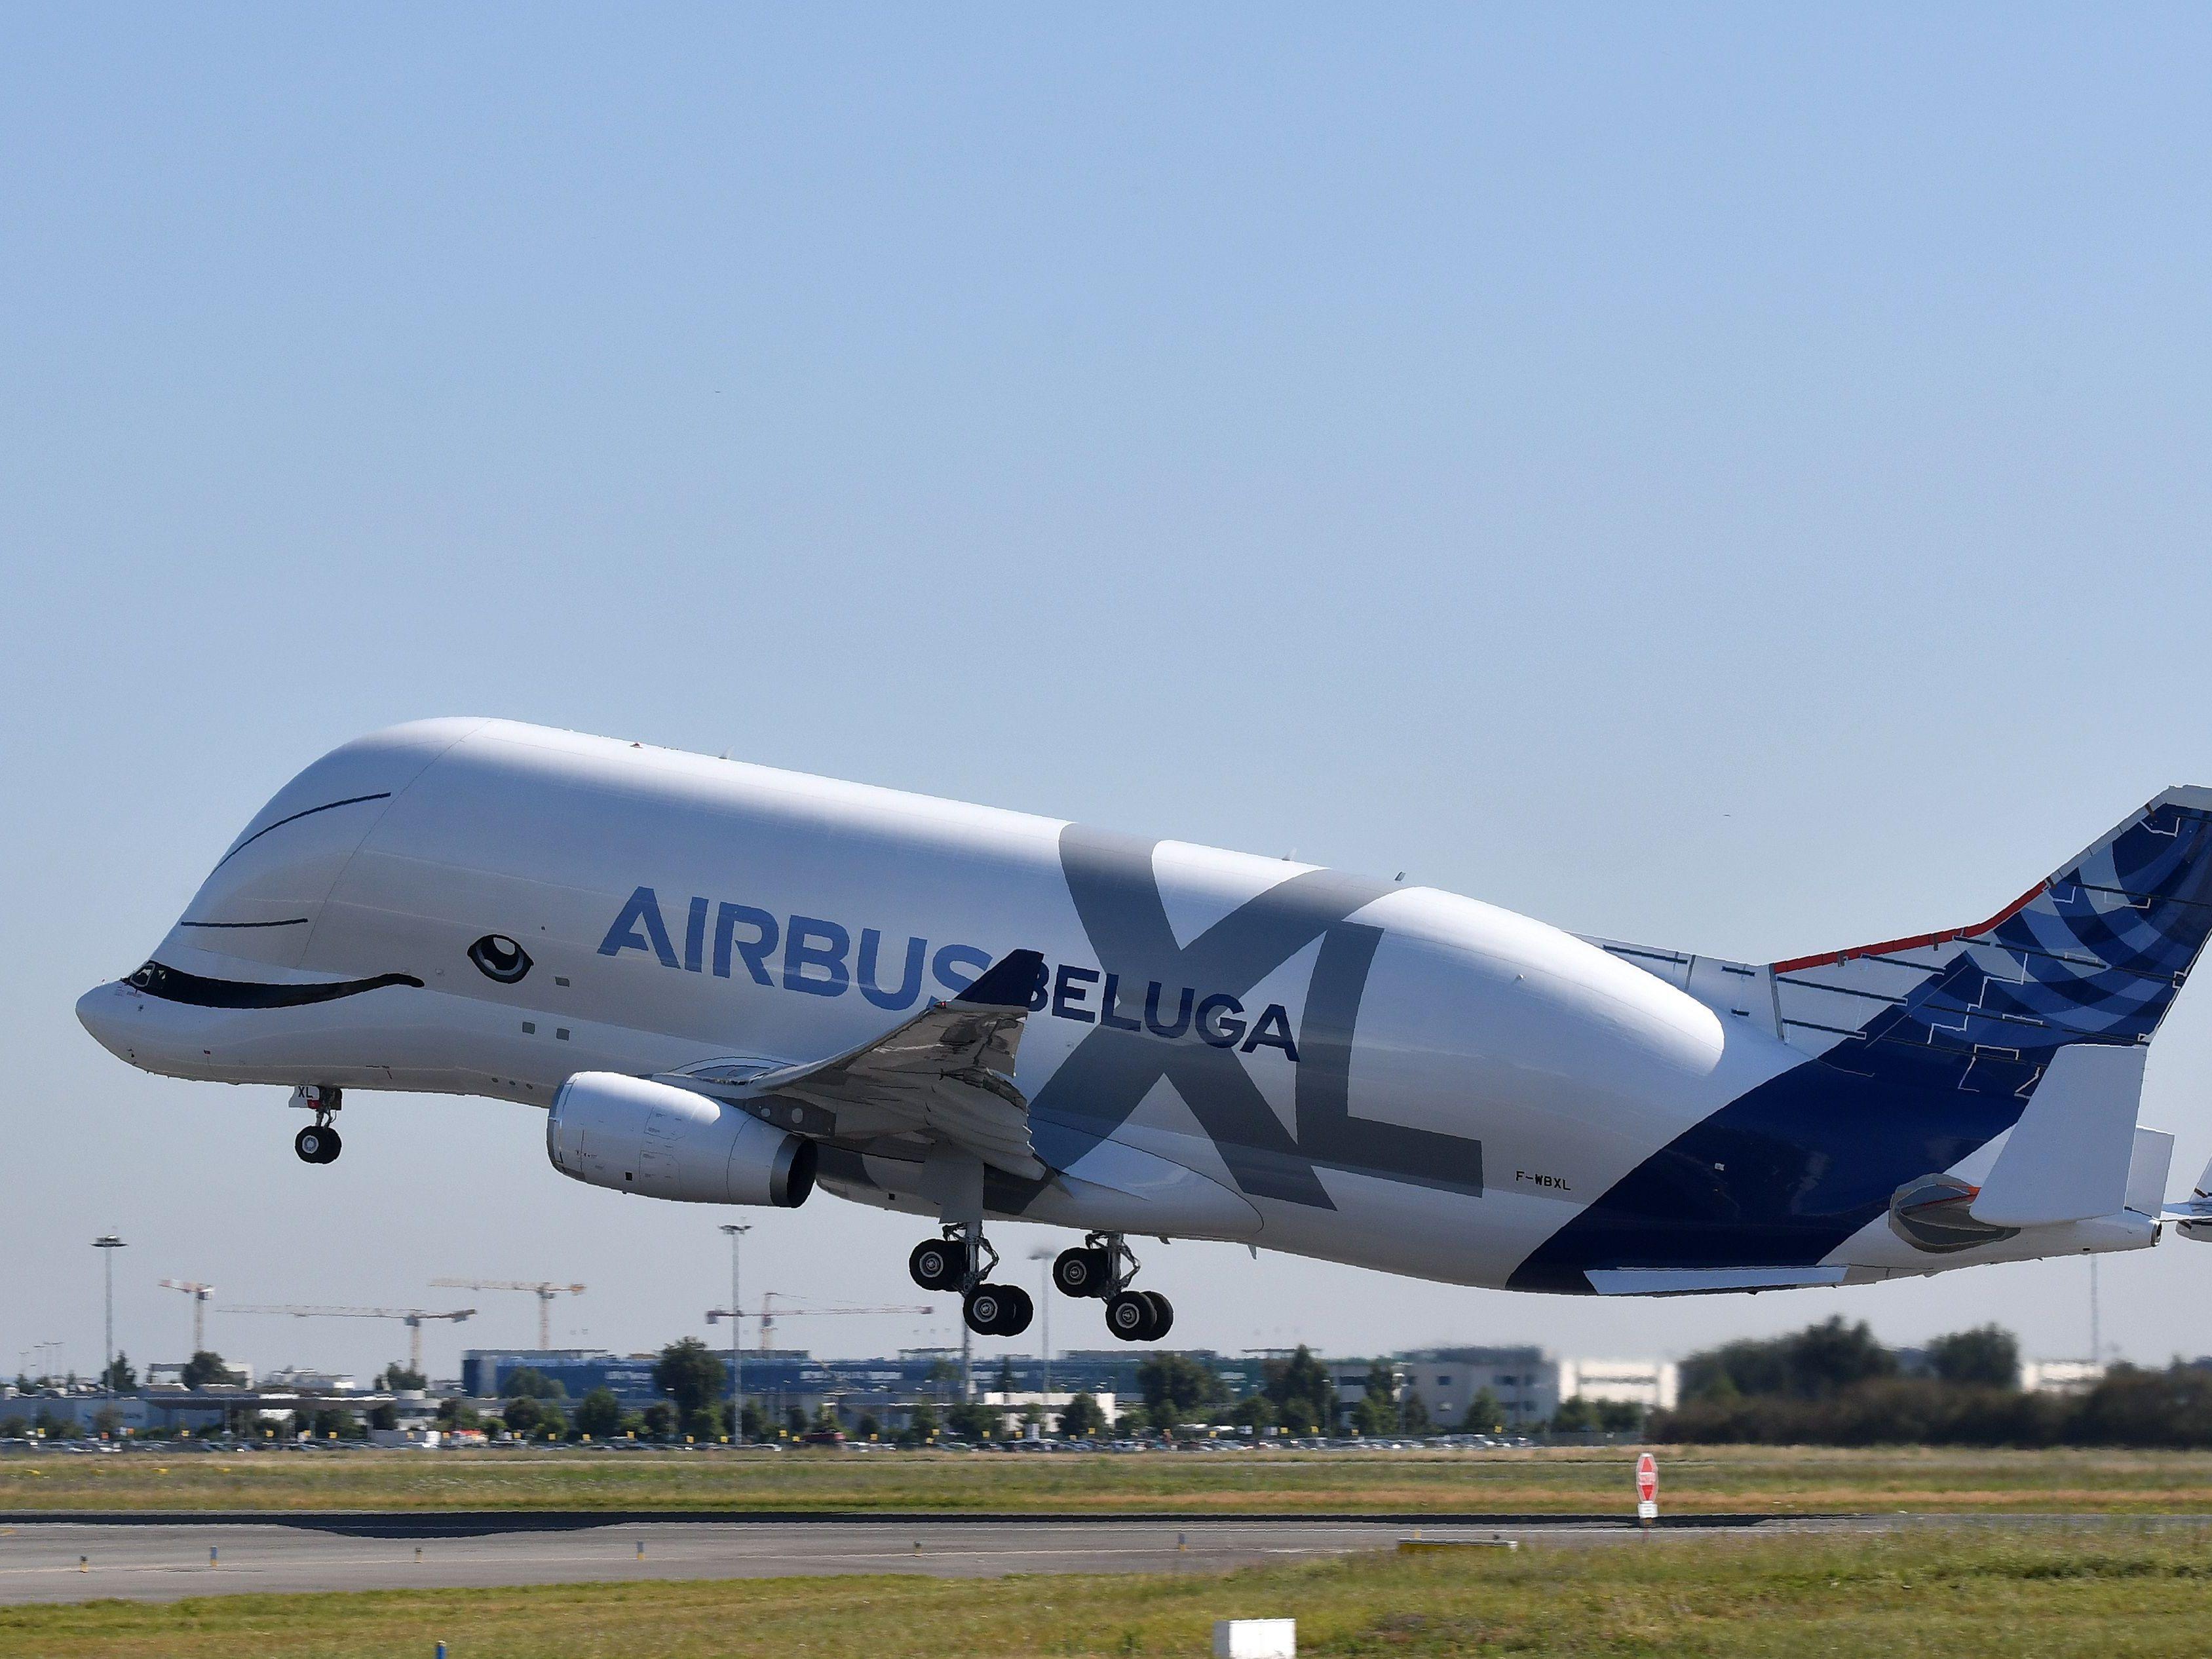 Airbus schickt seinen neuen Beluga-Wal auf Jungfernflug